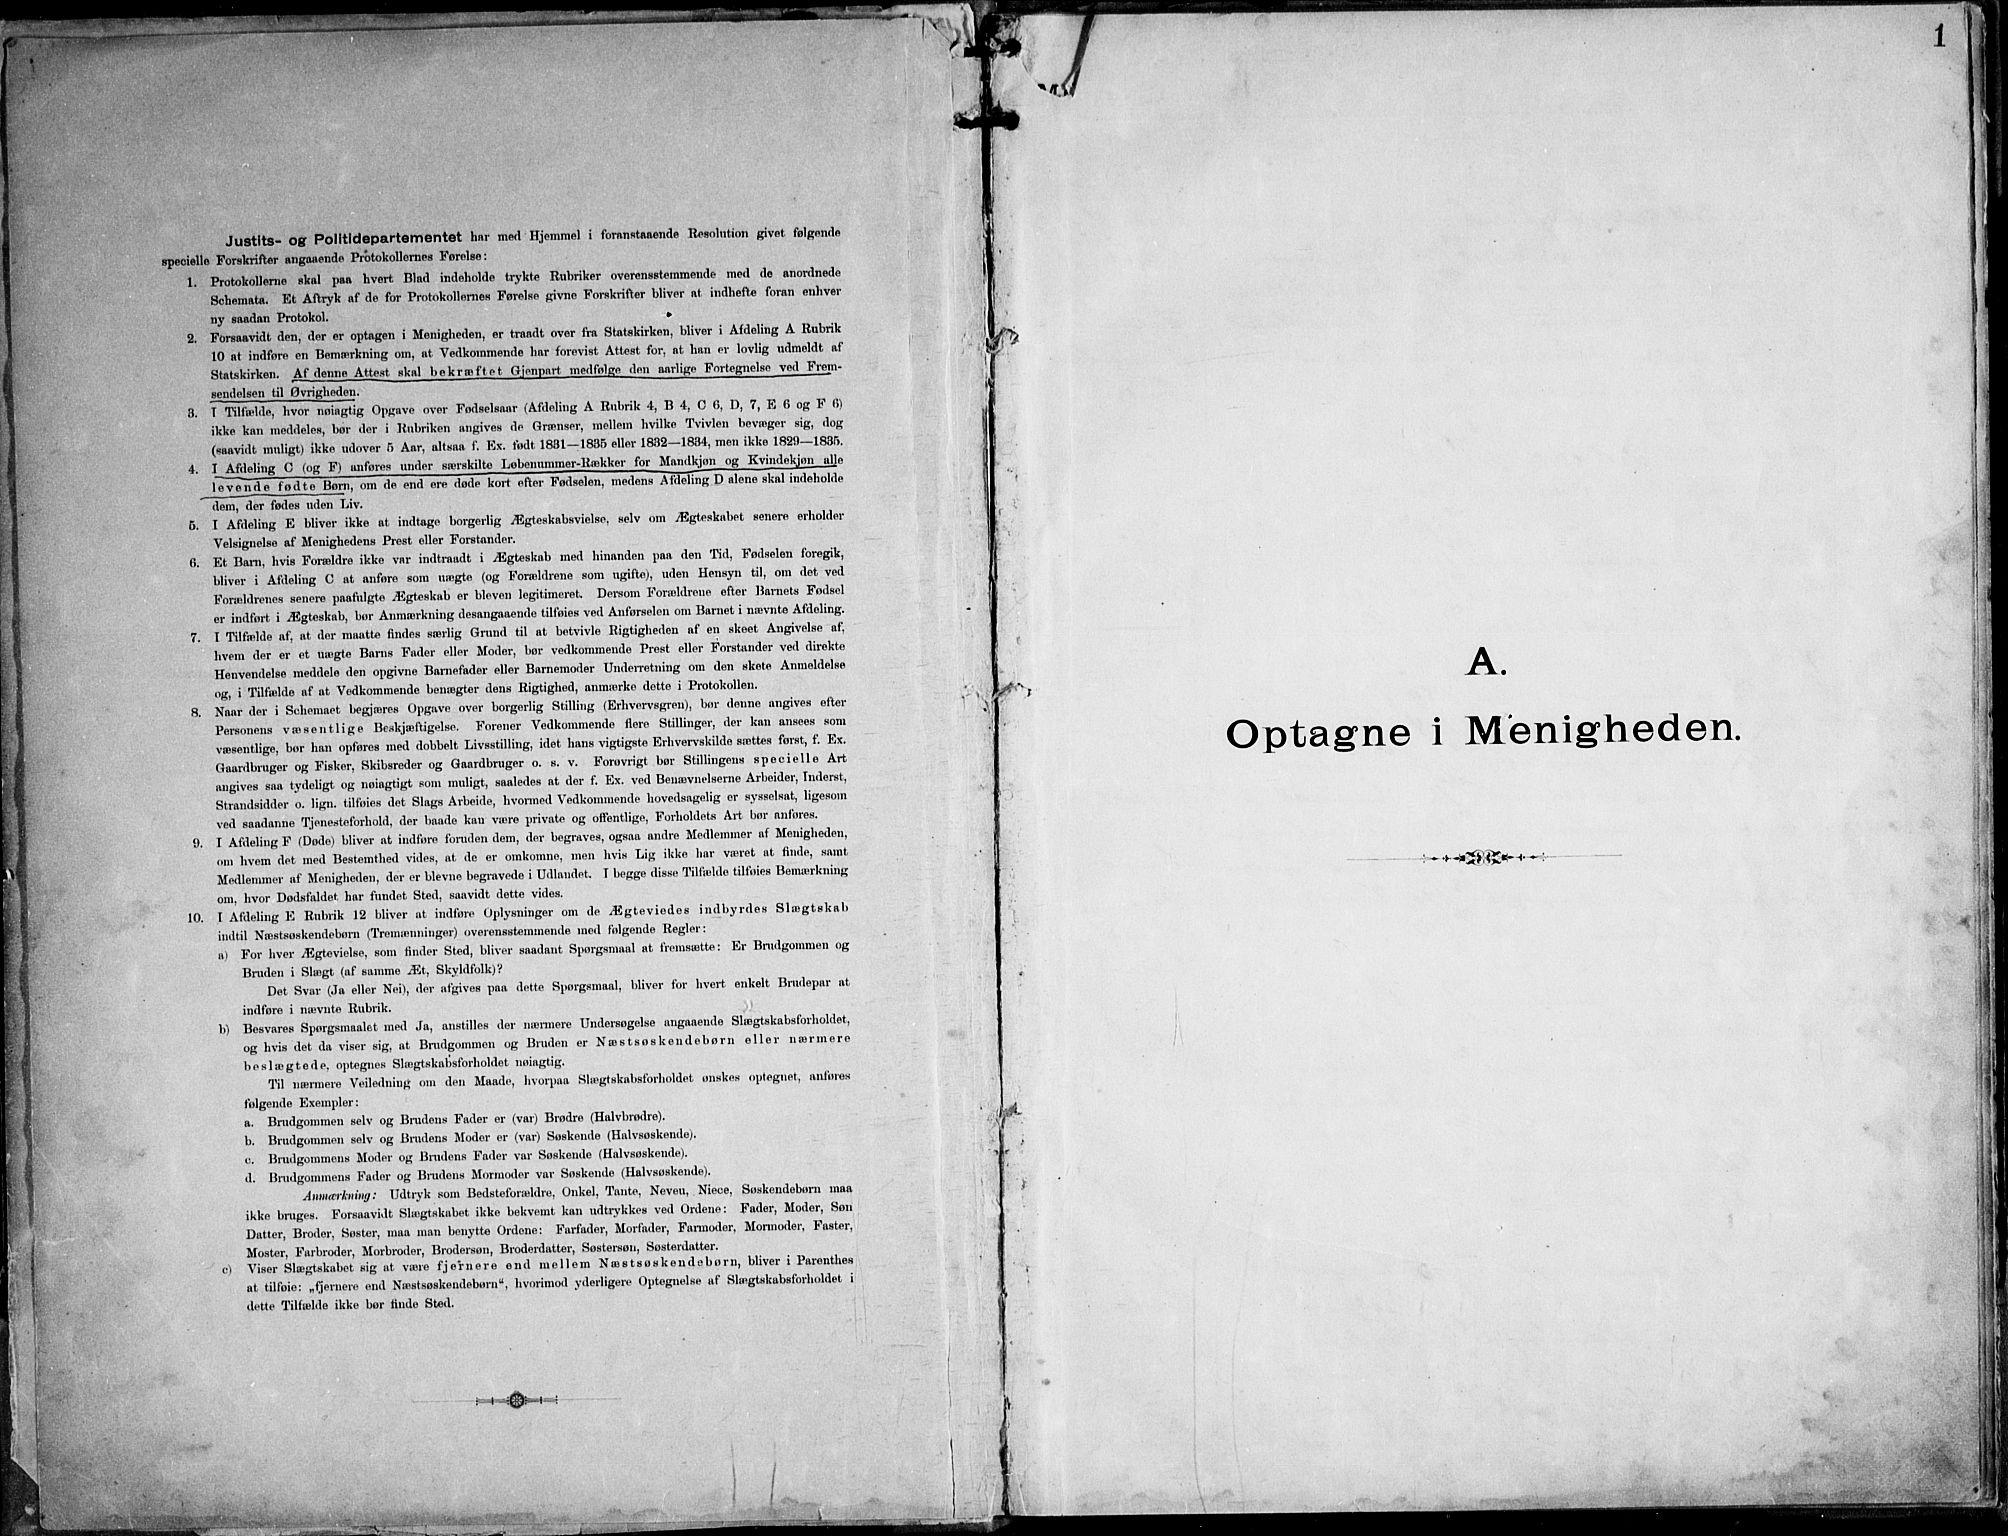 SAT, Ministerialprotokoller, klokkerbøker og fødselsregistre - Nordland, 888/L1276: Dissenterprotokoll nr. 888D03, 1893-1944, s. 1